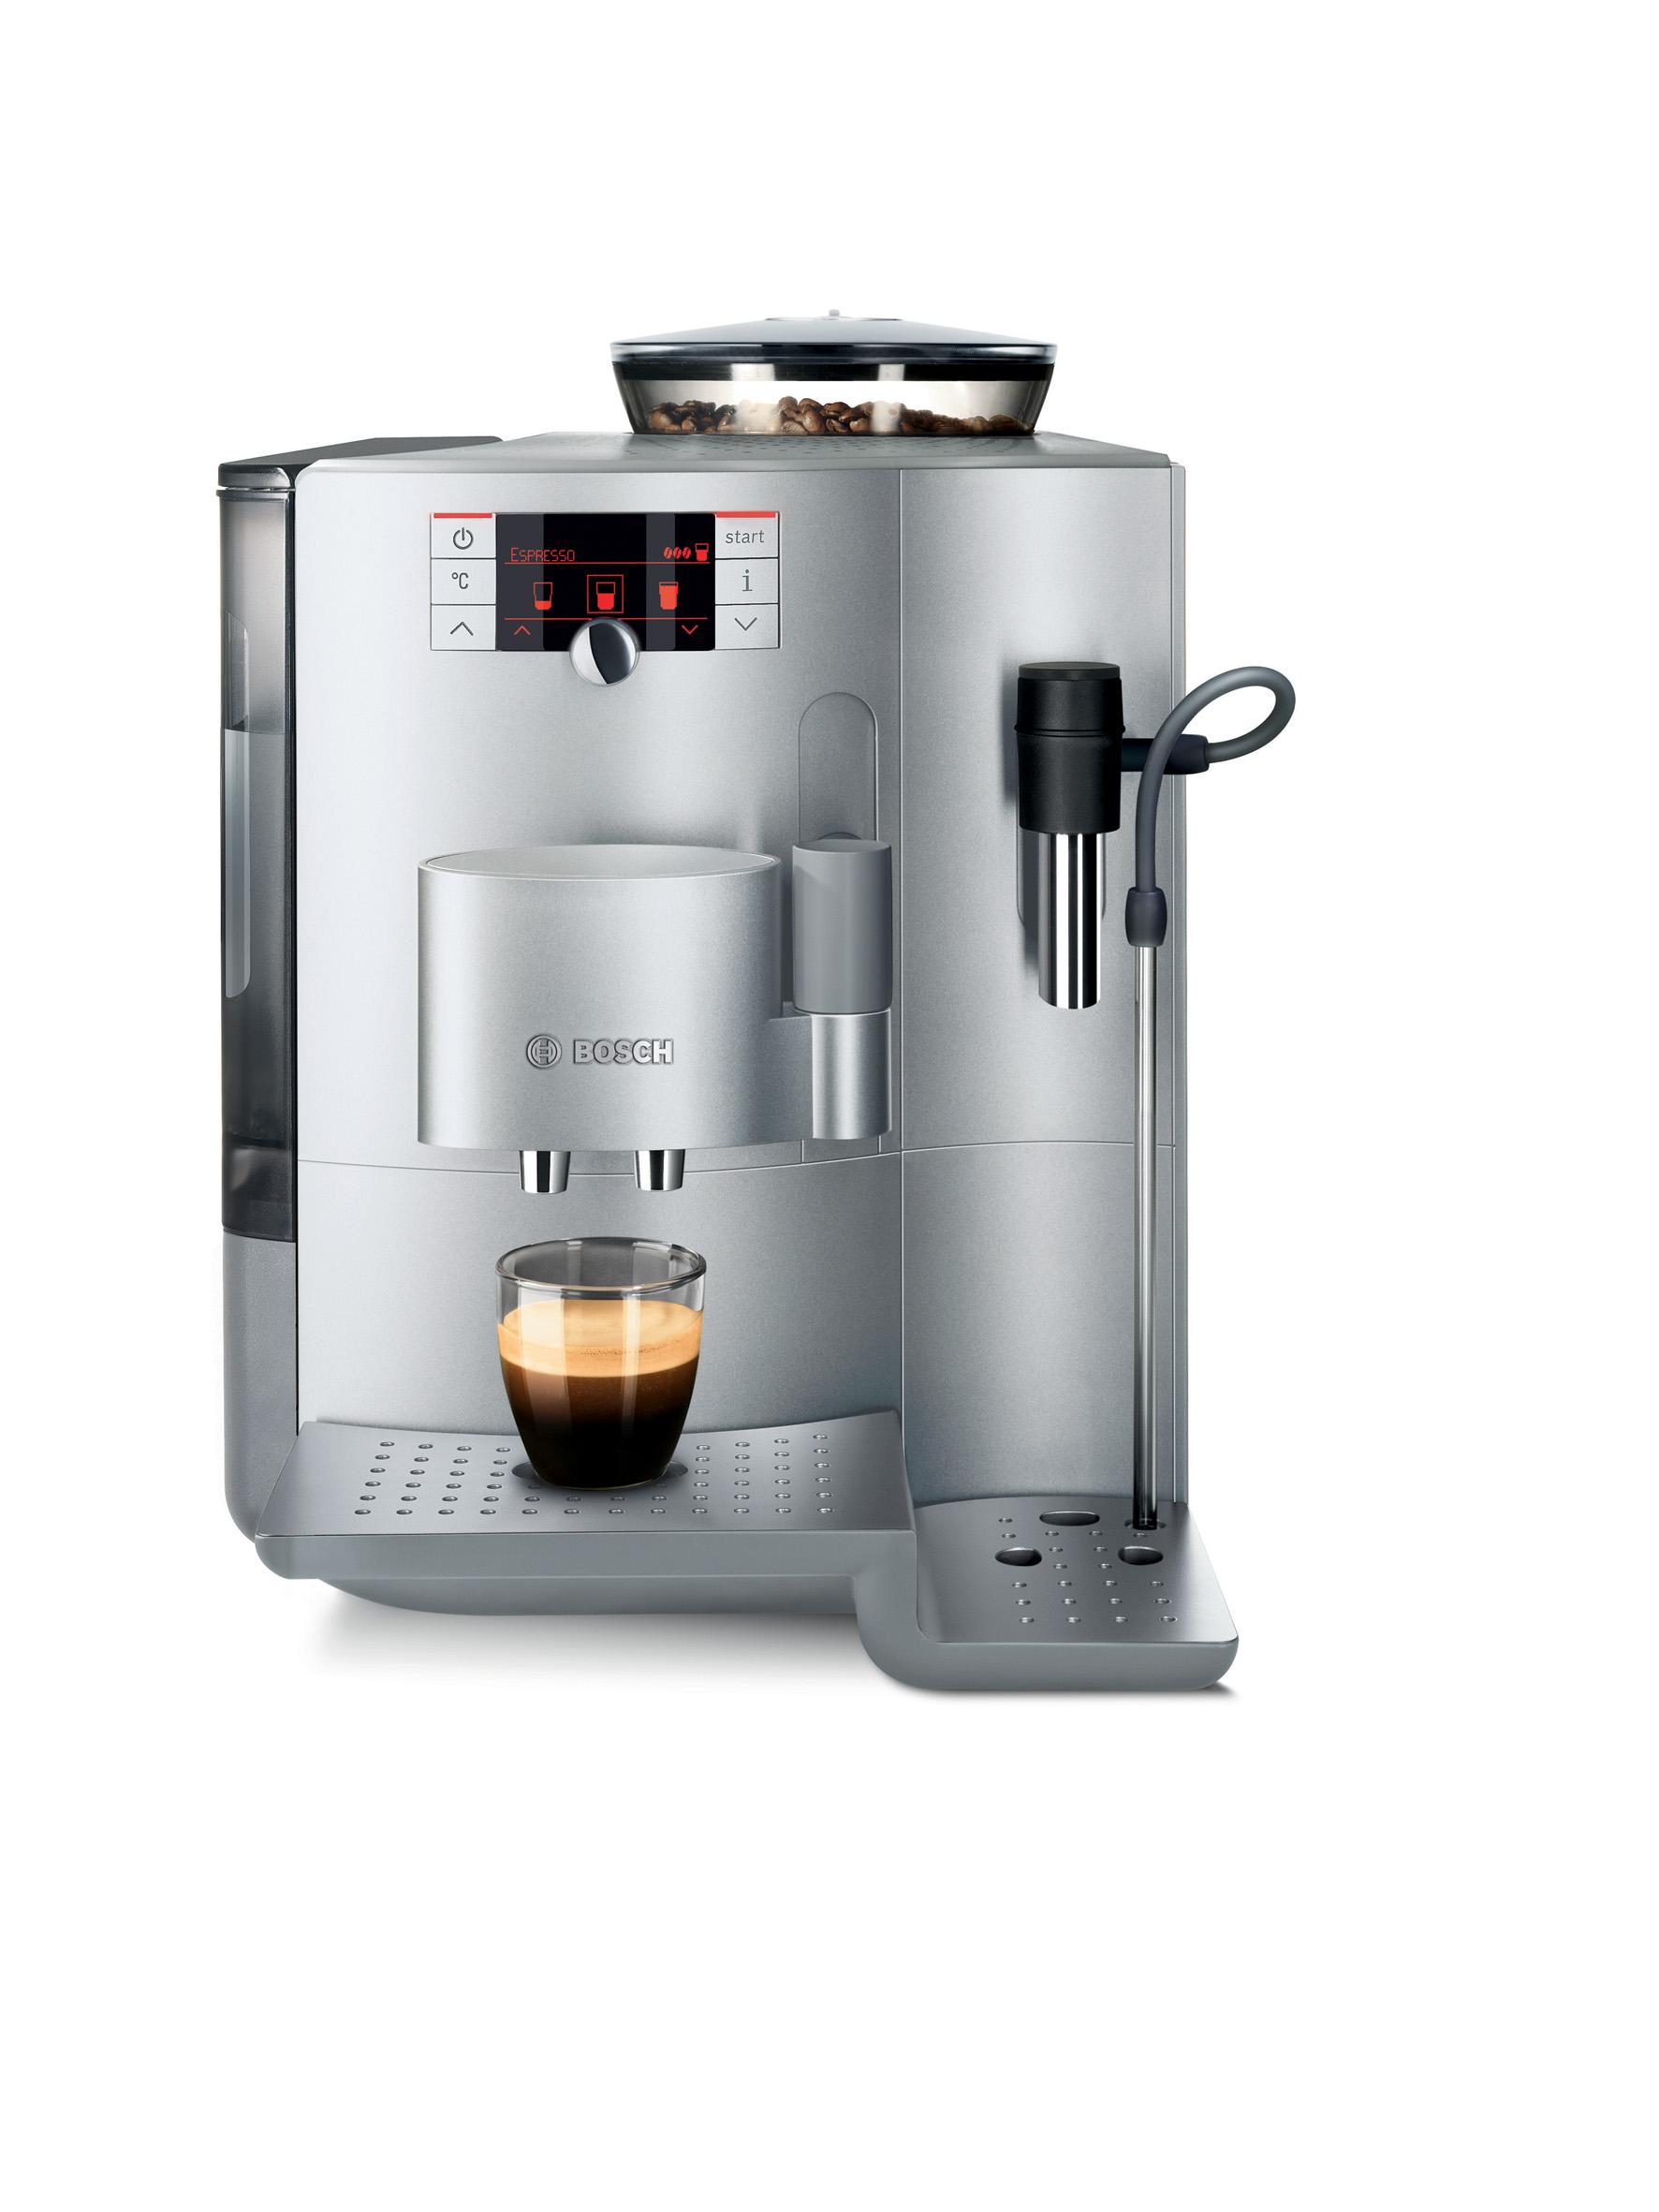 Bosch Kaffeevollautomat Verobar 100 Mit Der Note Gut 1 8 Zum Sieg